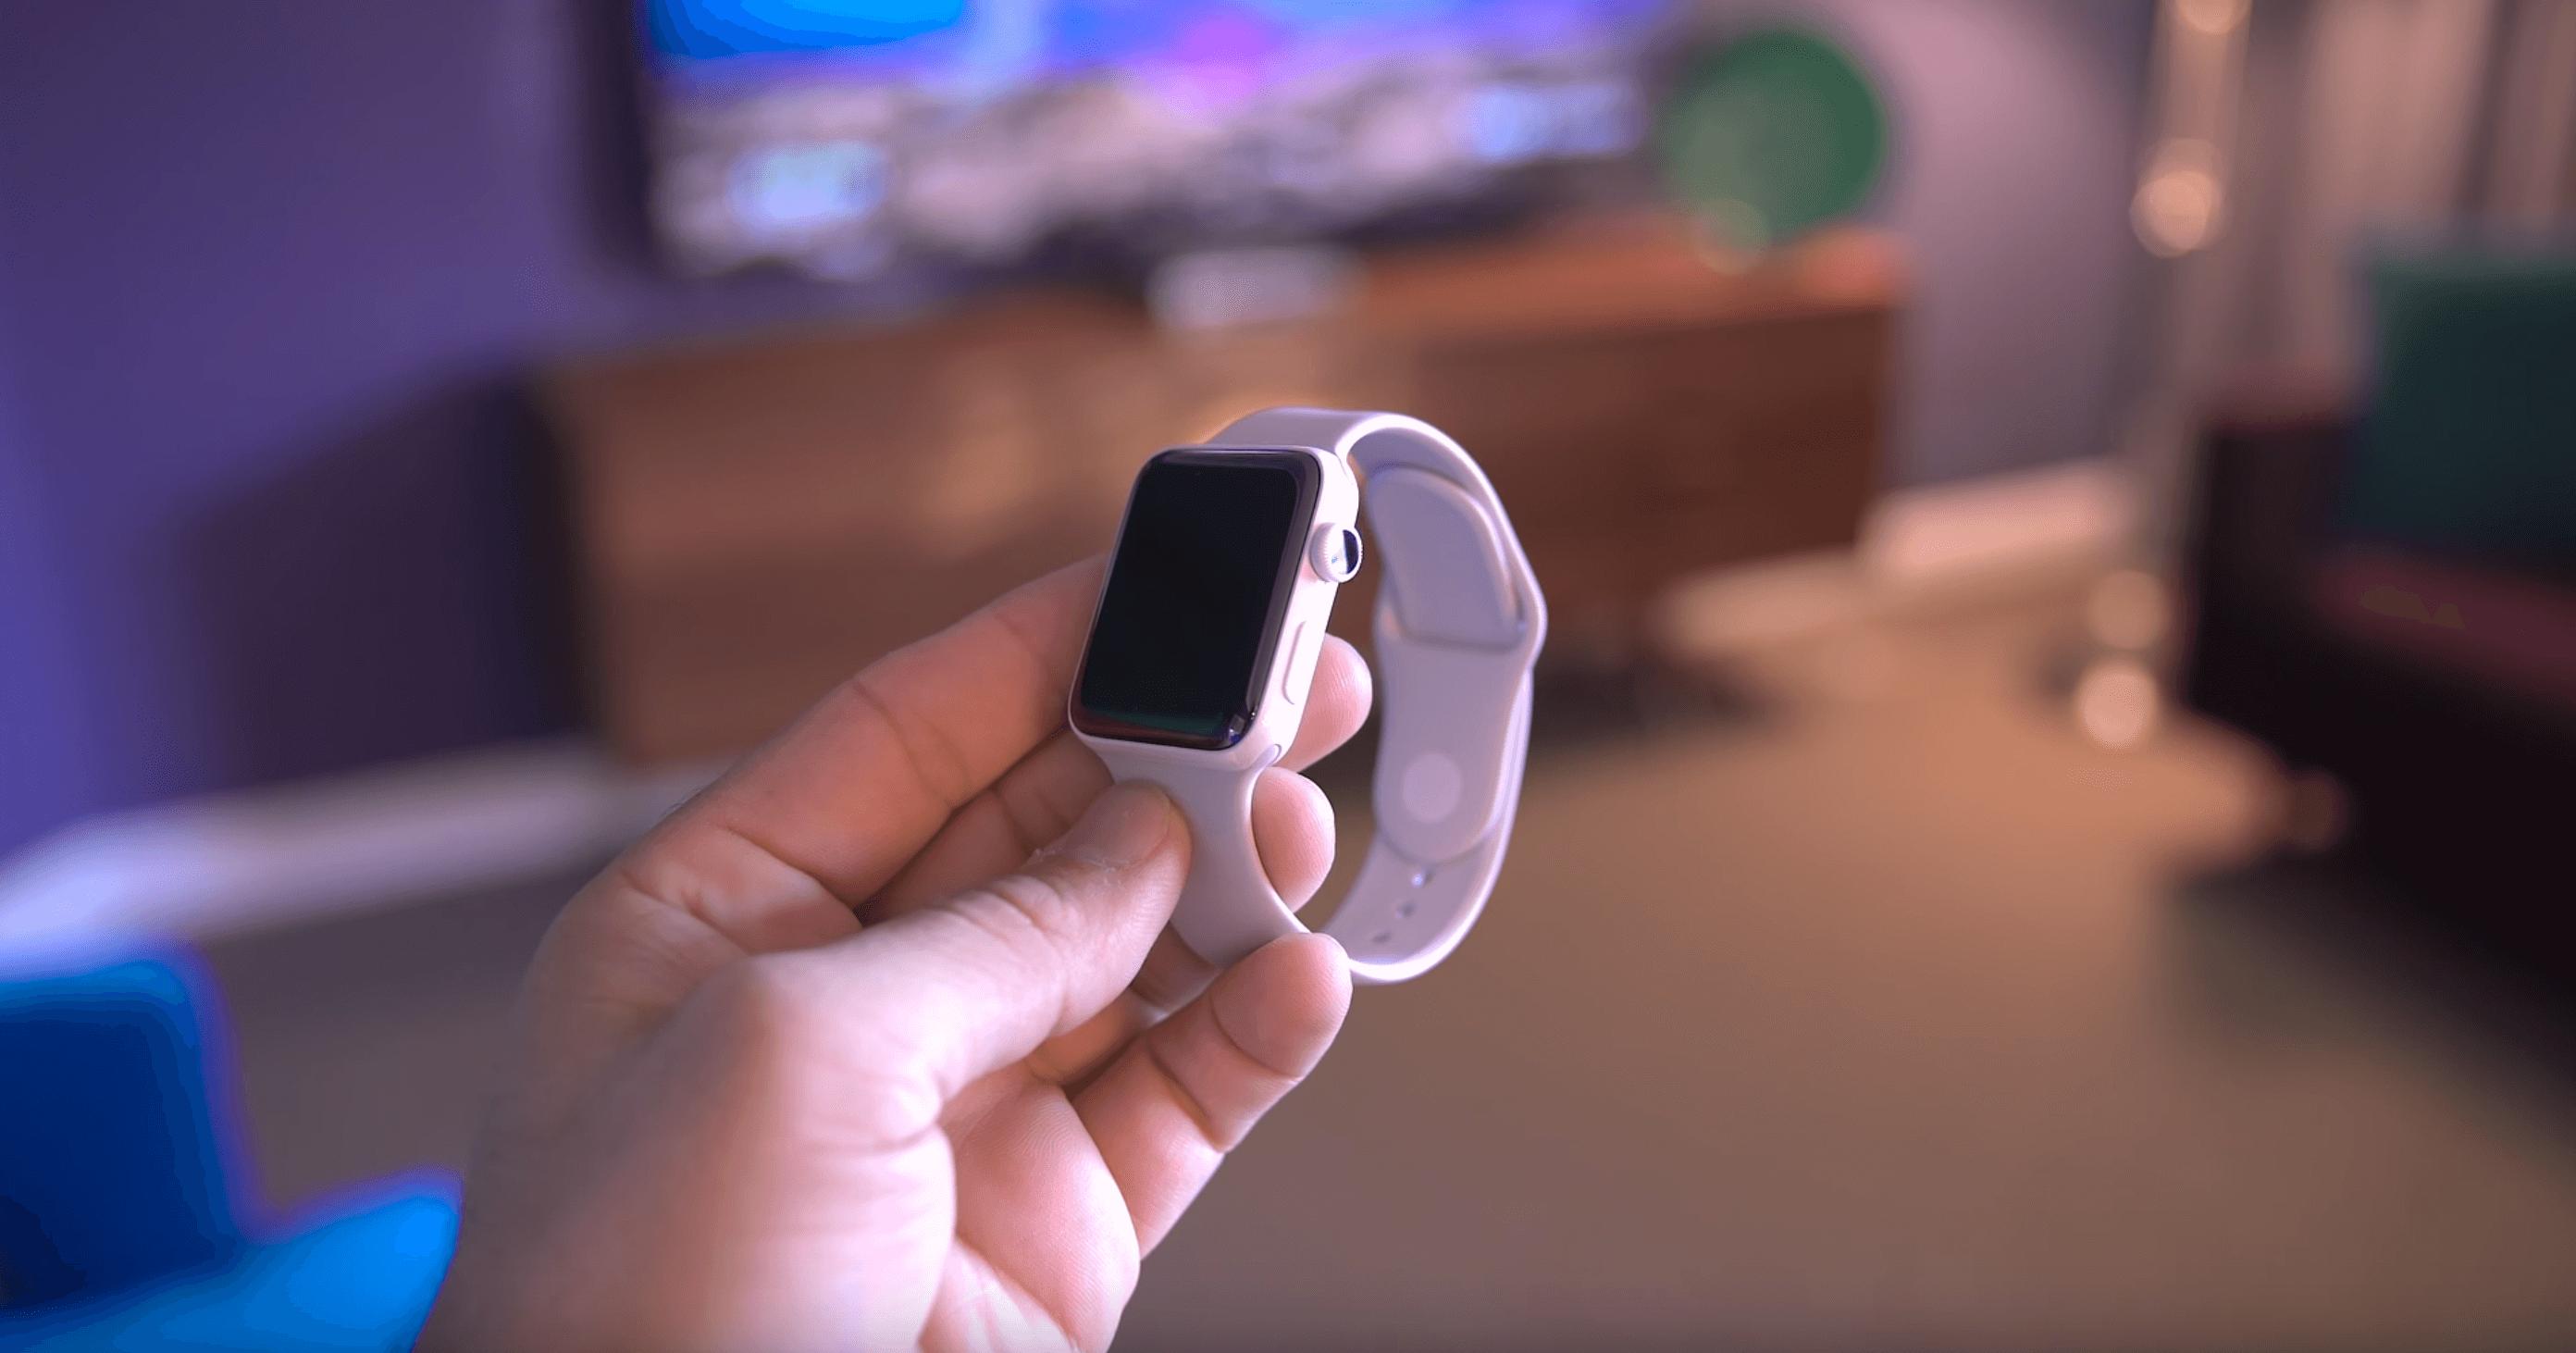 Цена на Apple Watch в России упала до 16 тысяч рублей